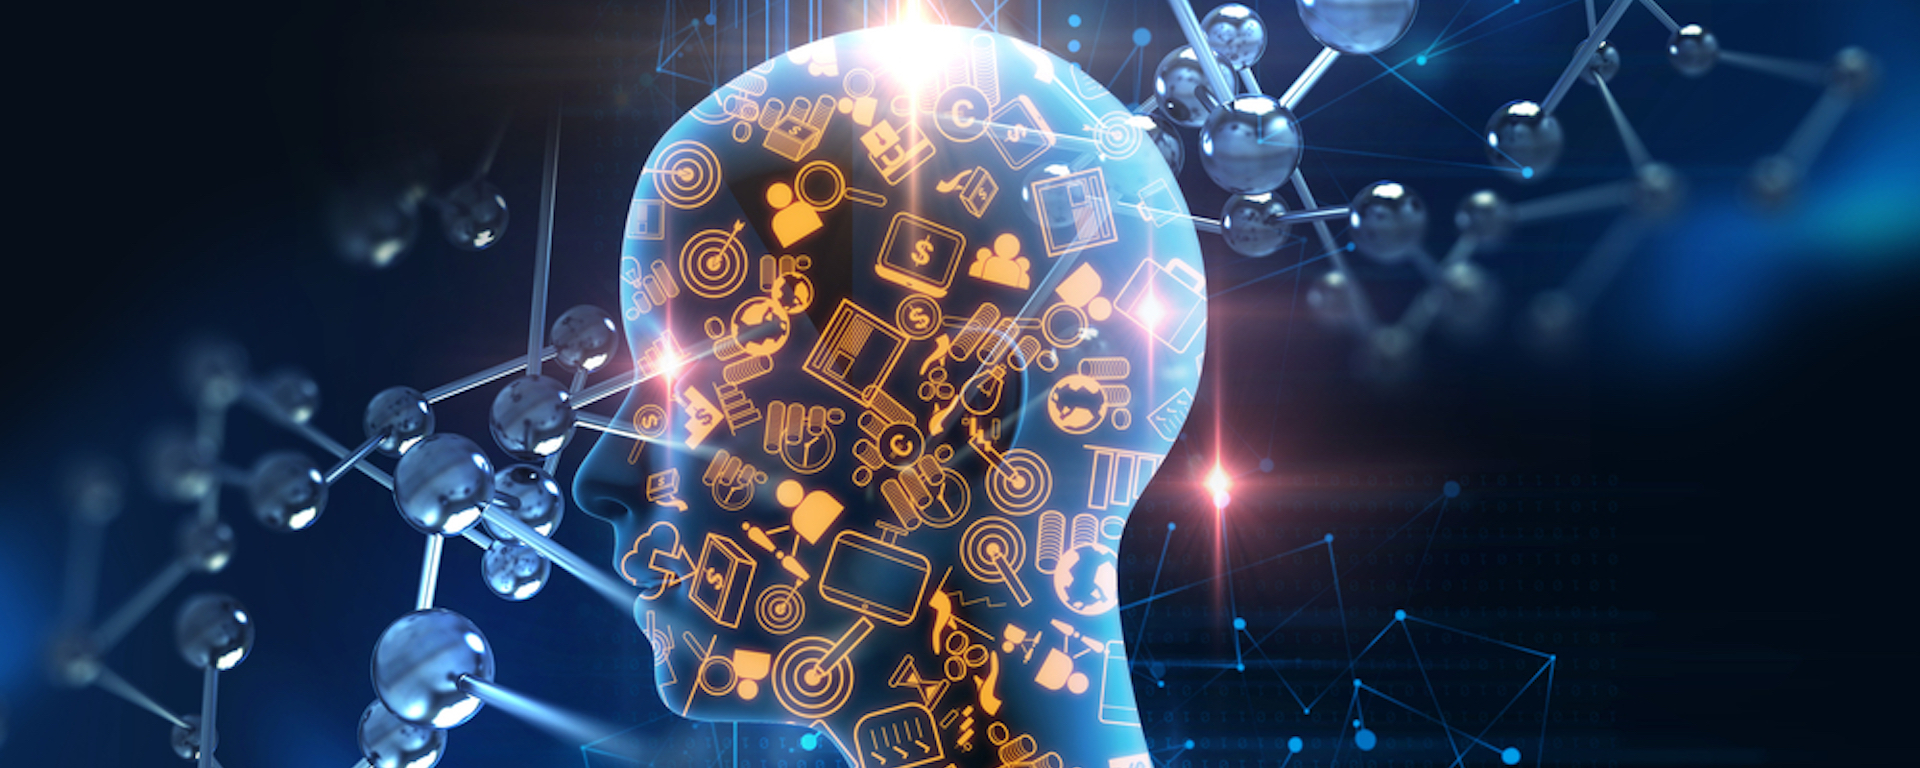 Как искусственный интеллект может помочь блокчейн